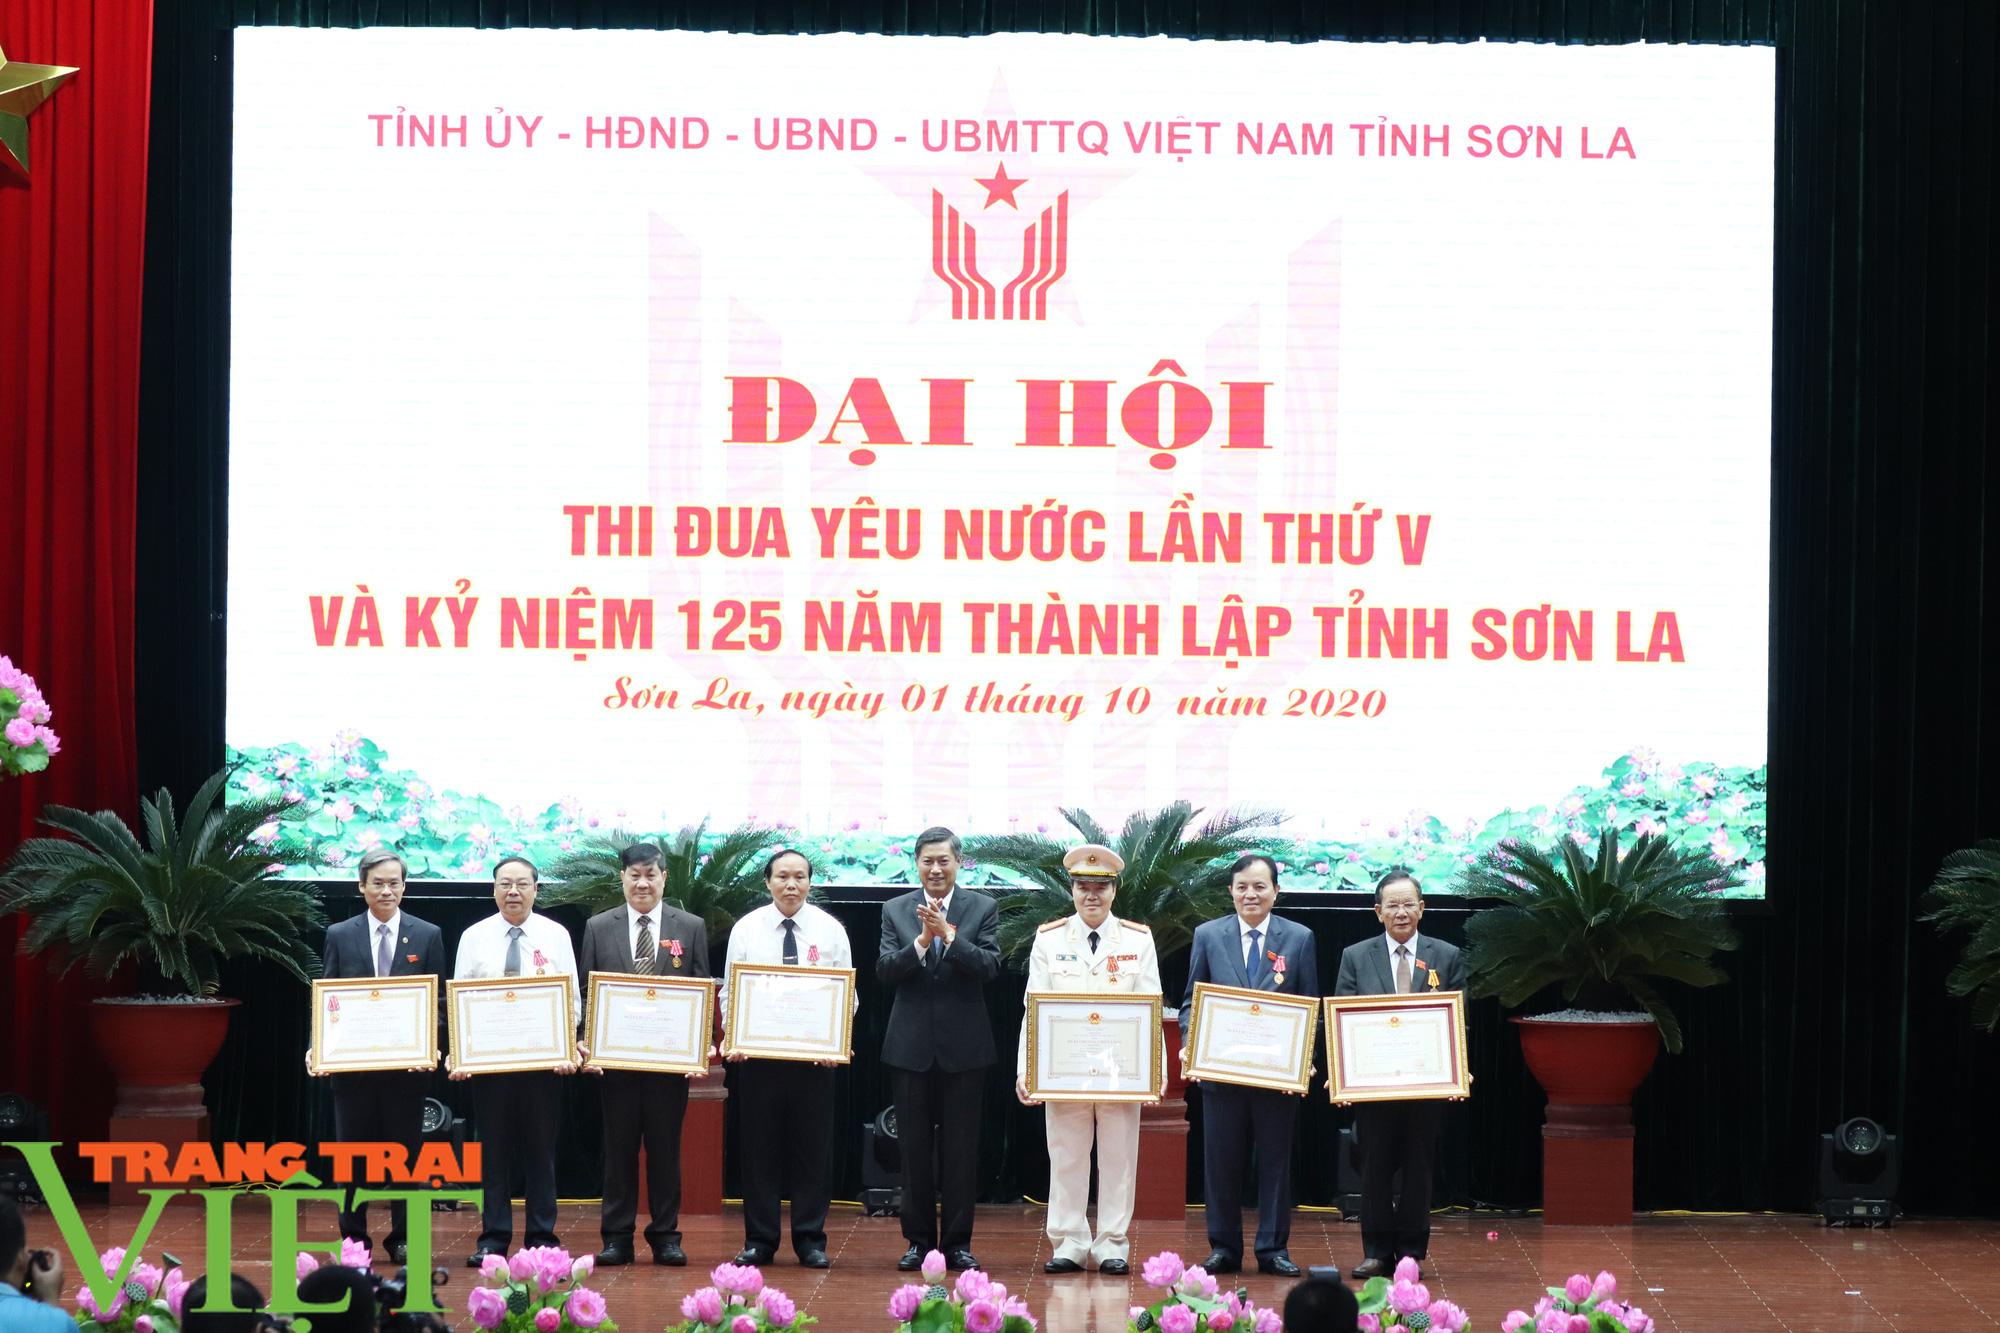 Sơn La tiếp tục triển khai sâu rộng, đồng bộ các phong trào thi đua yêu nước - Ảnh 5.